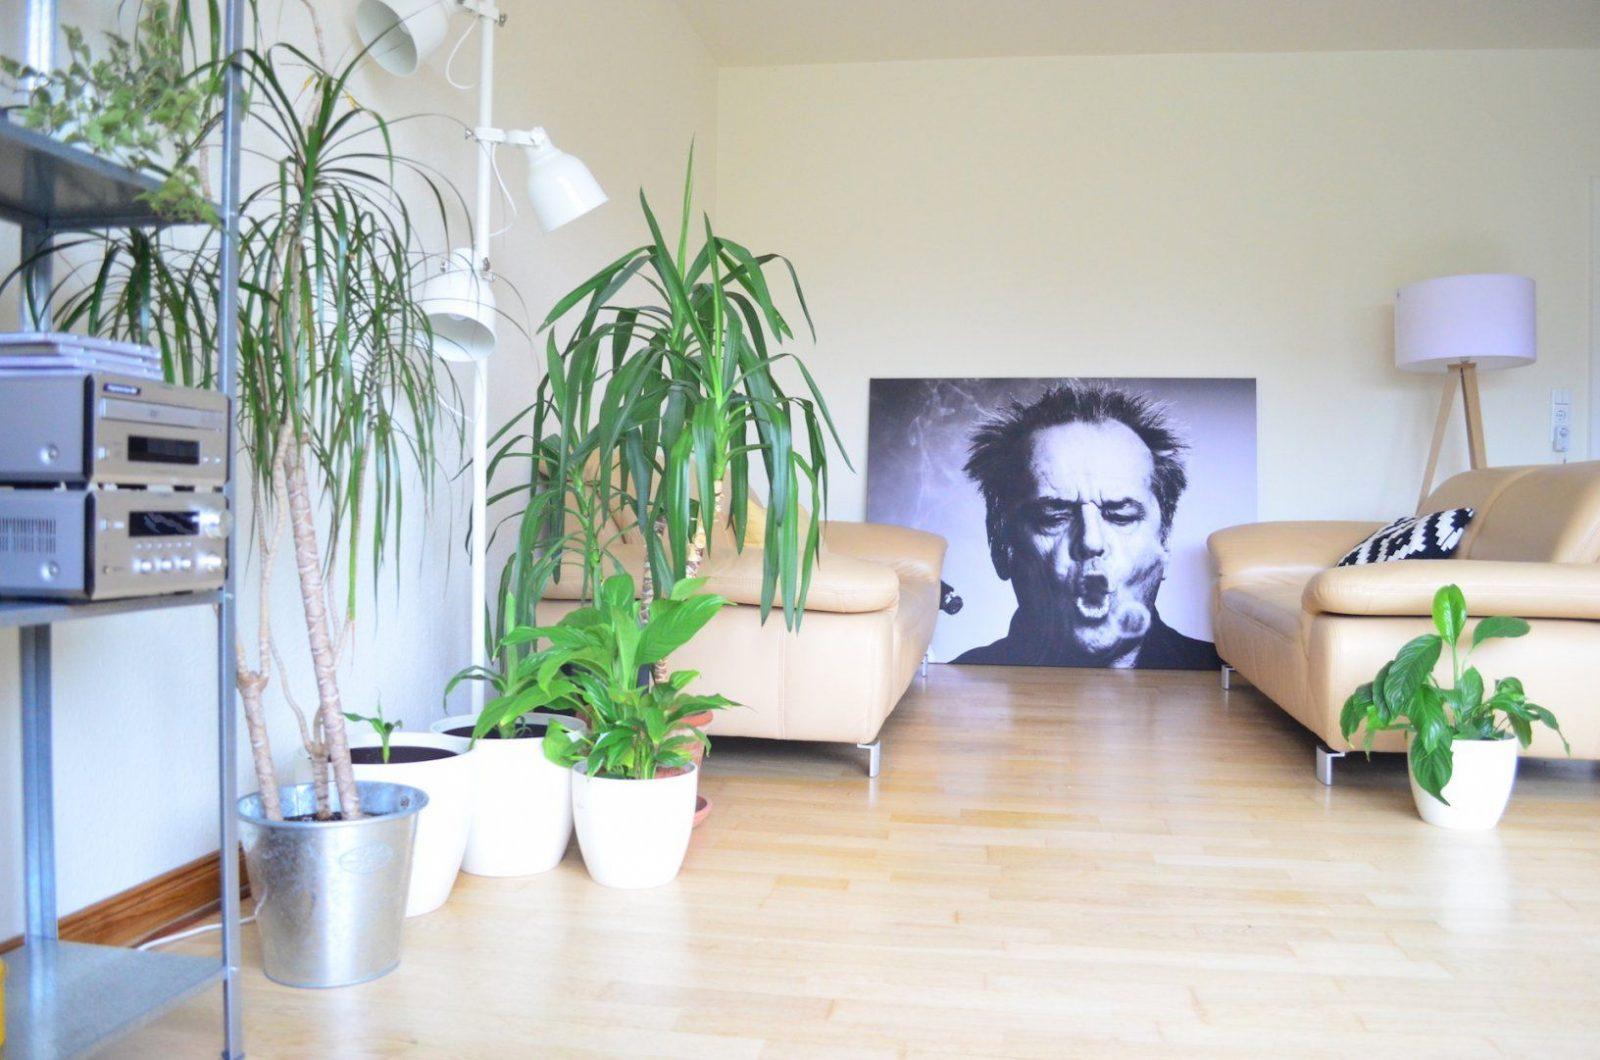 Wohnung Einrichten 3d Wohnung Einrichten 3d 1 Raum Frisch Zimmer